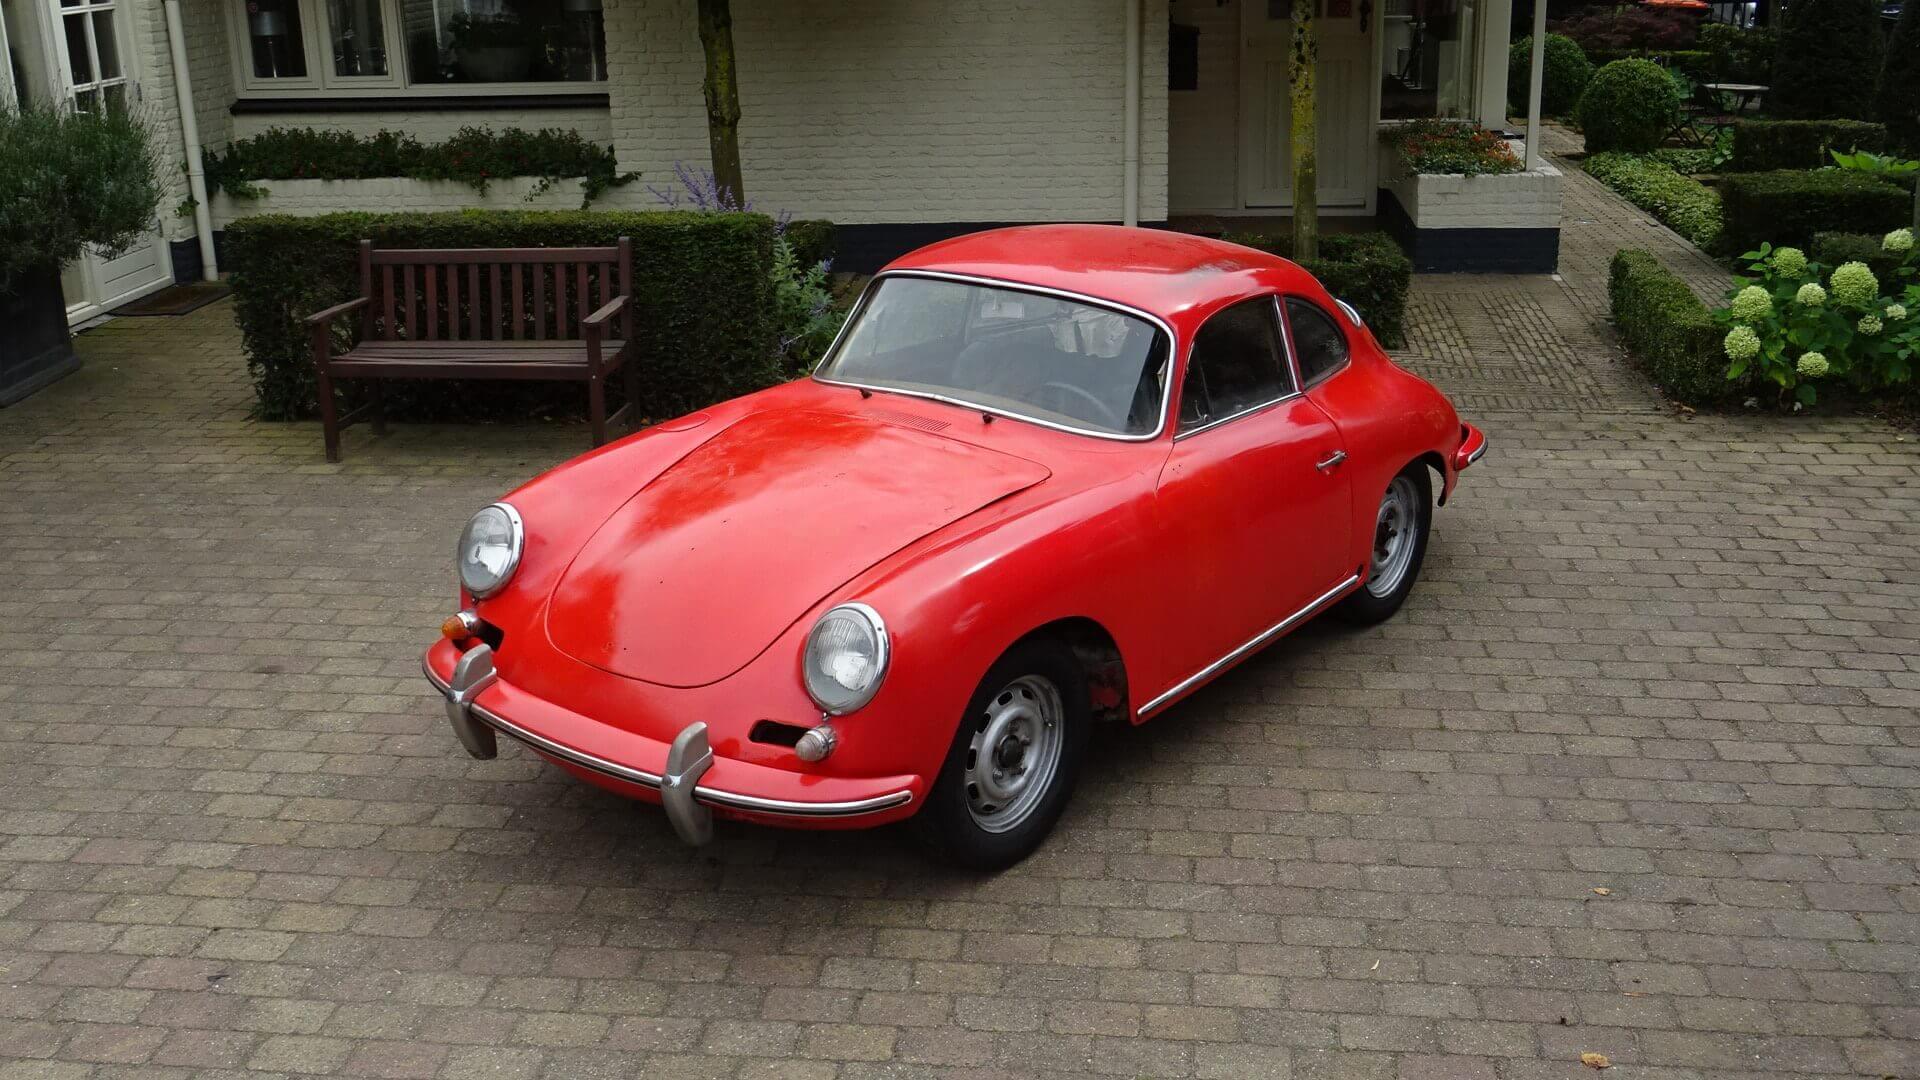 Listing All Cars For Sale >> '64 Porsche 356 C. Coupe - Union Jack Vintage Cars